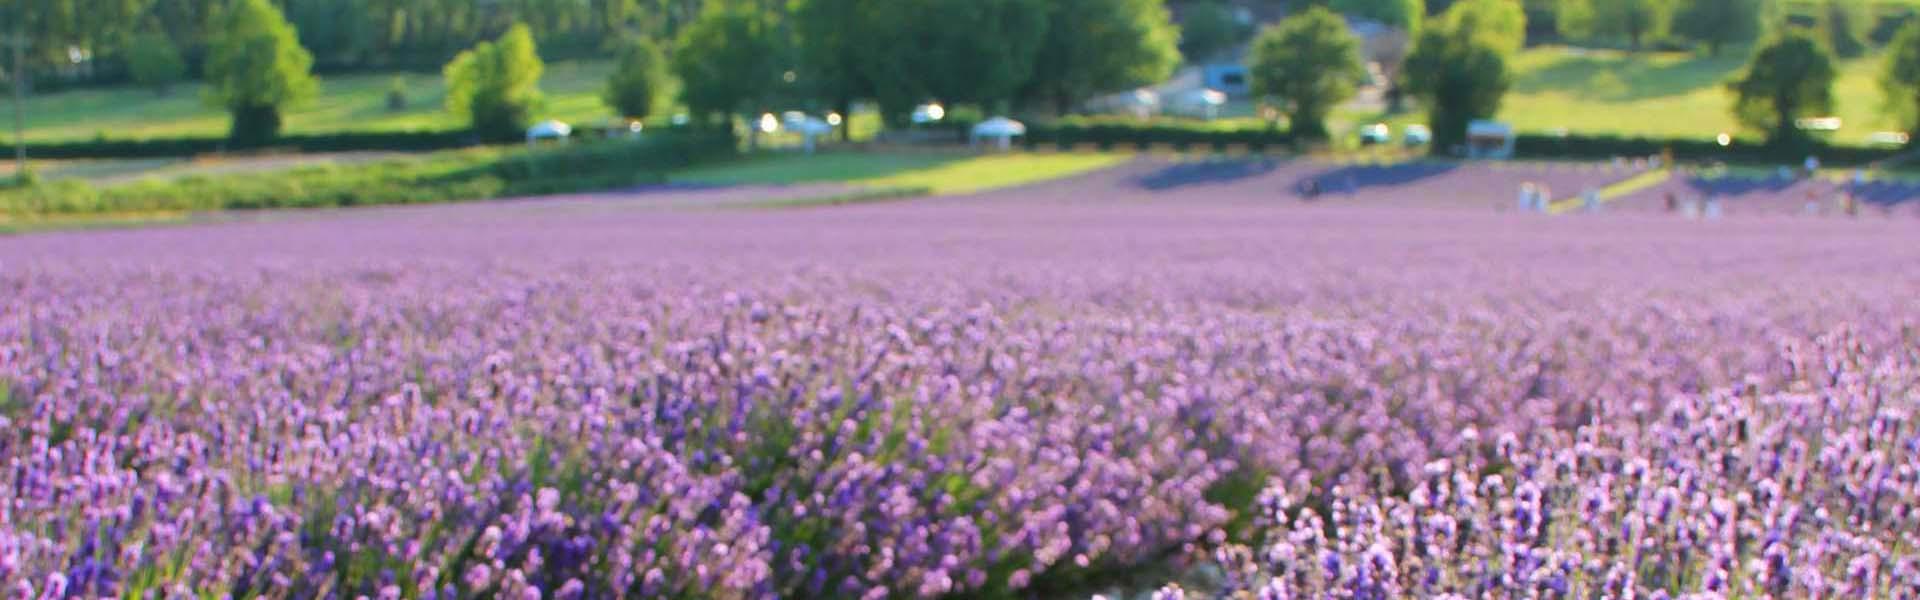 View of Lavender fields at Castle Farm near Shoreham village